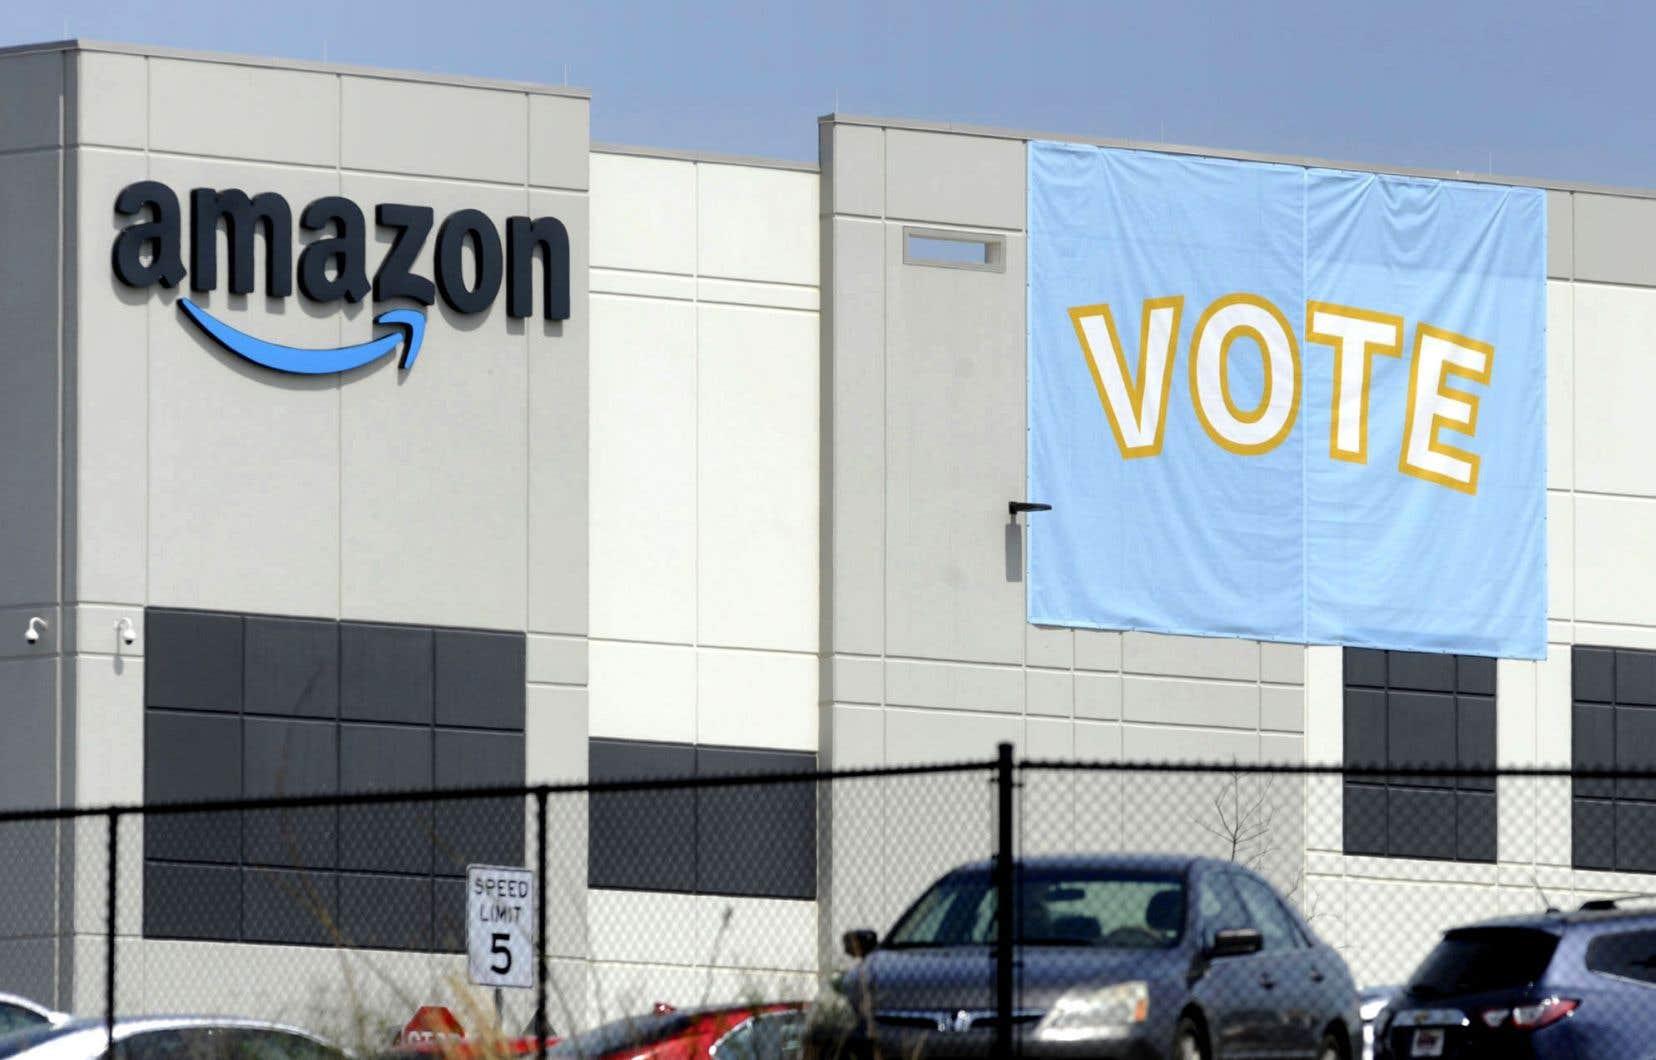 «Amazon n'a pas gagné, nos salariés ont choisi de voter contre le syndicat», a réagi le groupe dans un communiqué, balayant les accusations d'intimidation.